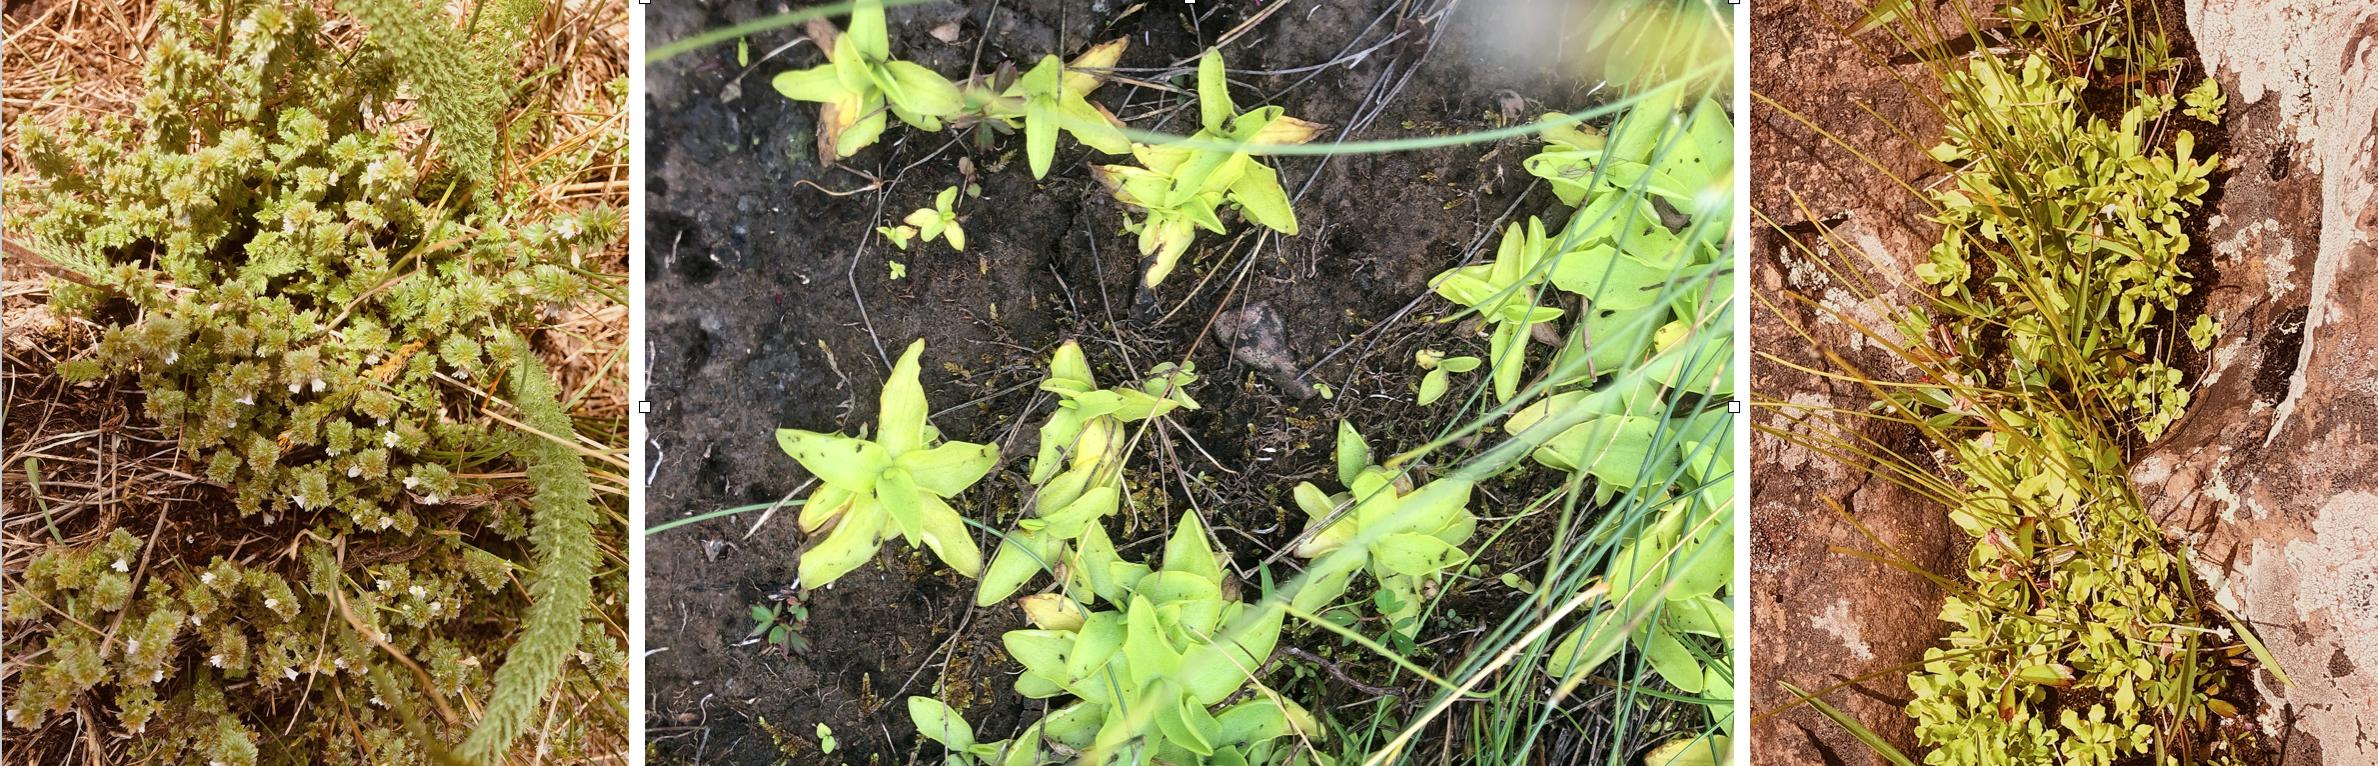 Three arctic relict plants